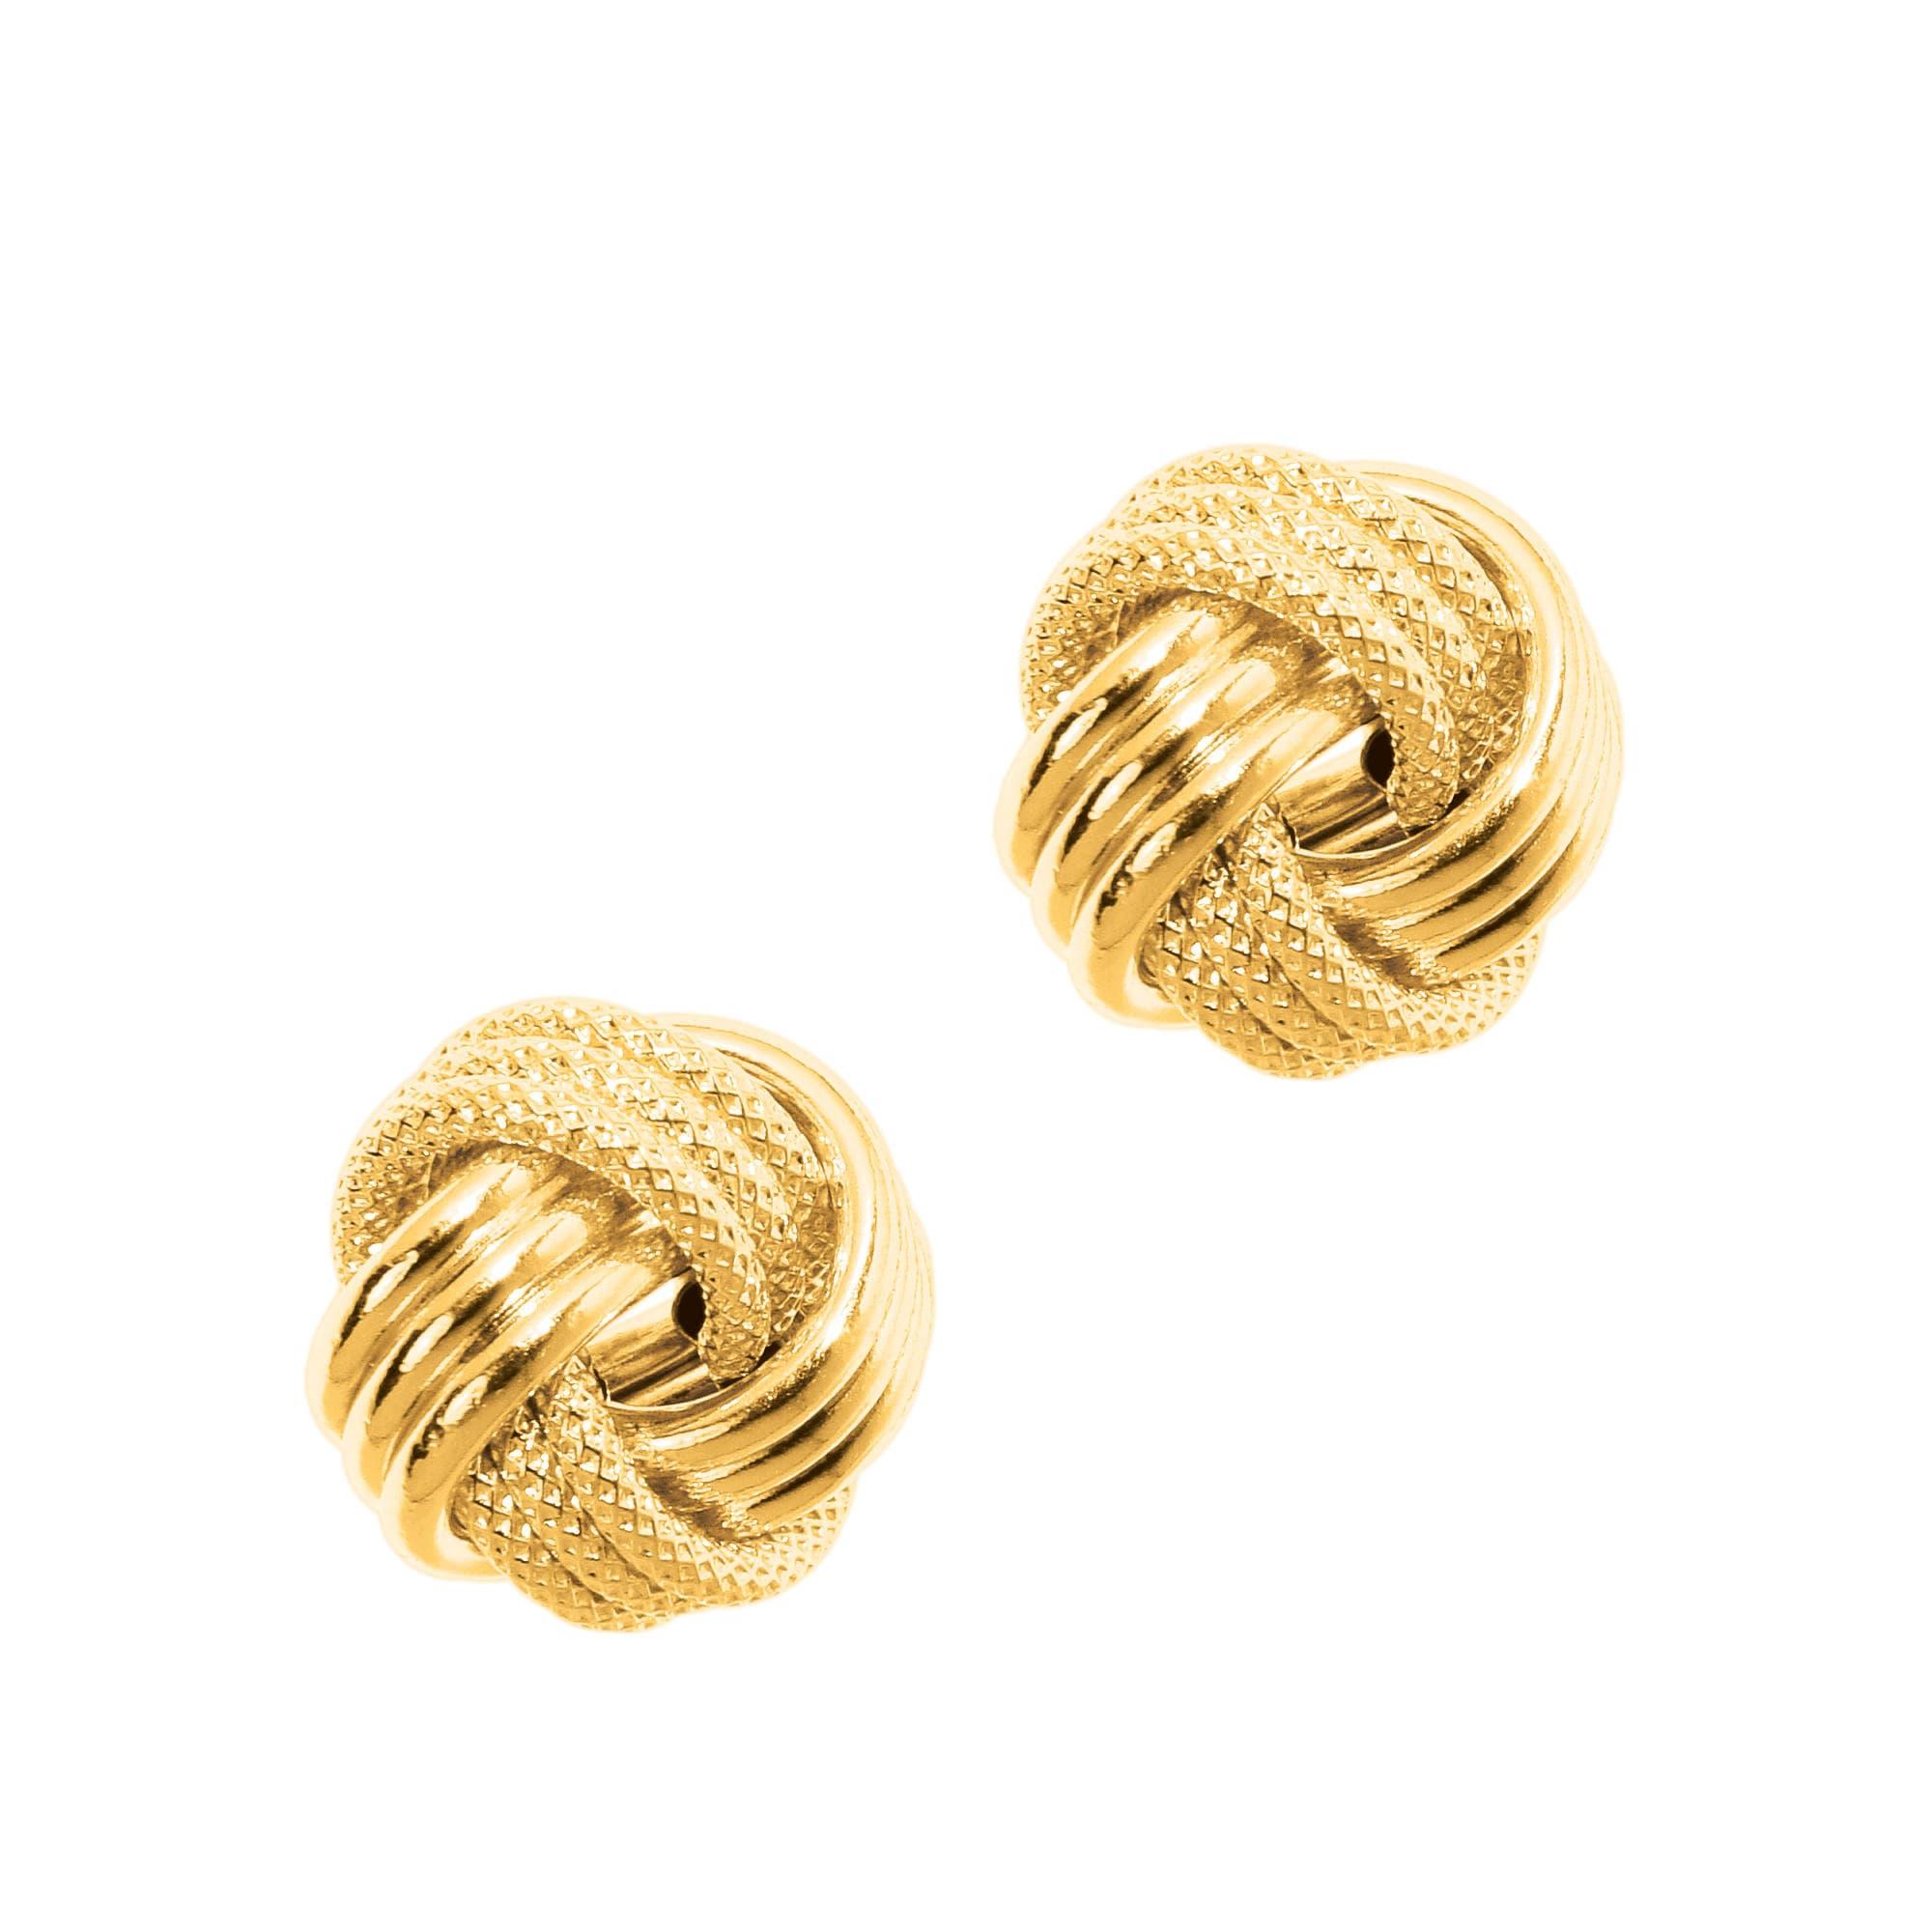 9 paires r/étro Boucles doreilles boh/ème strass vintage strass balancent boucles doreilles gland boucles doreilles pour les femmes filles fournitures